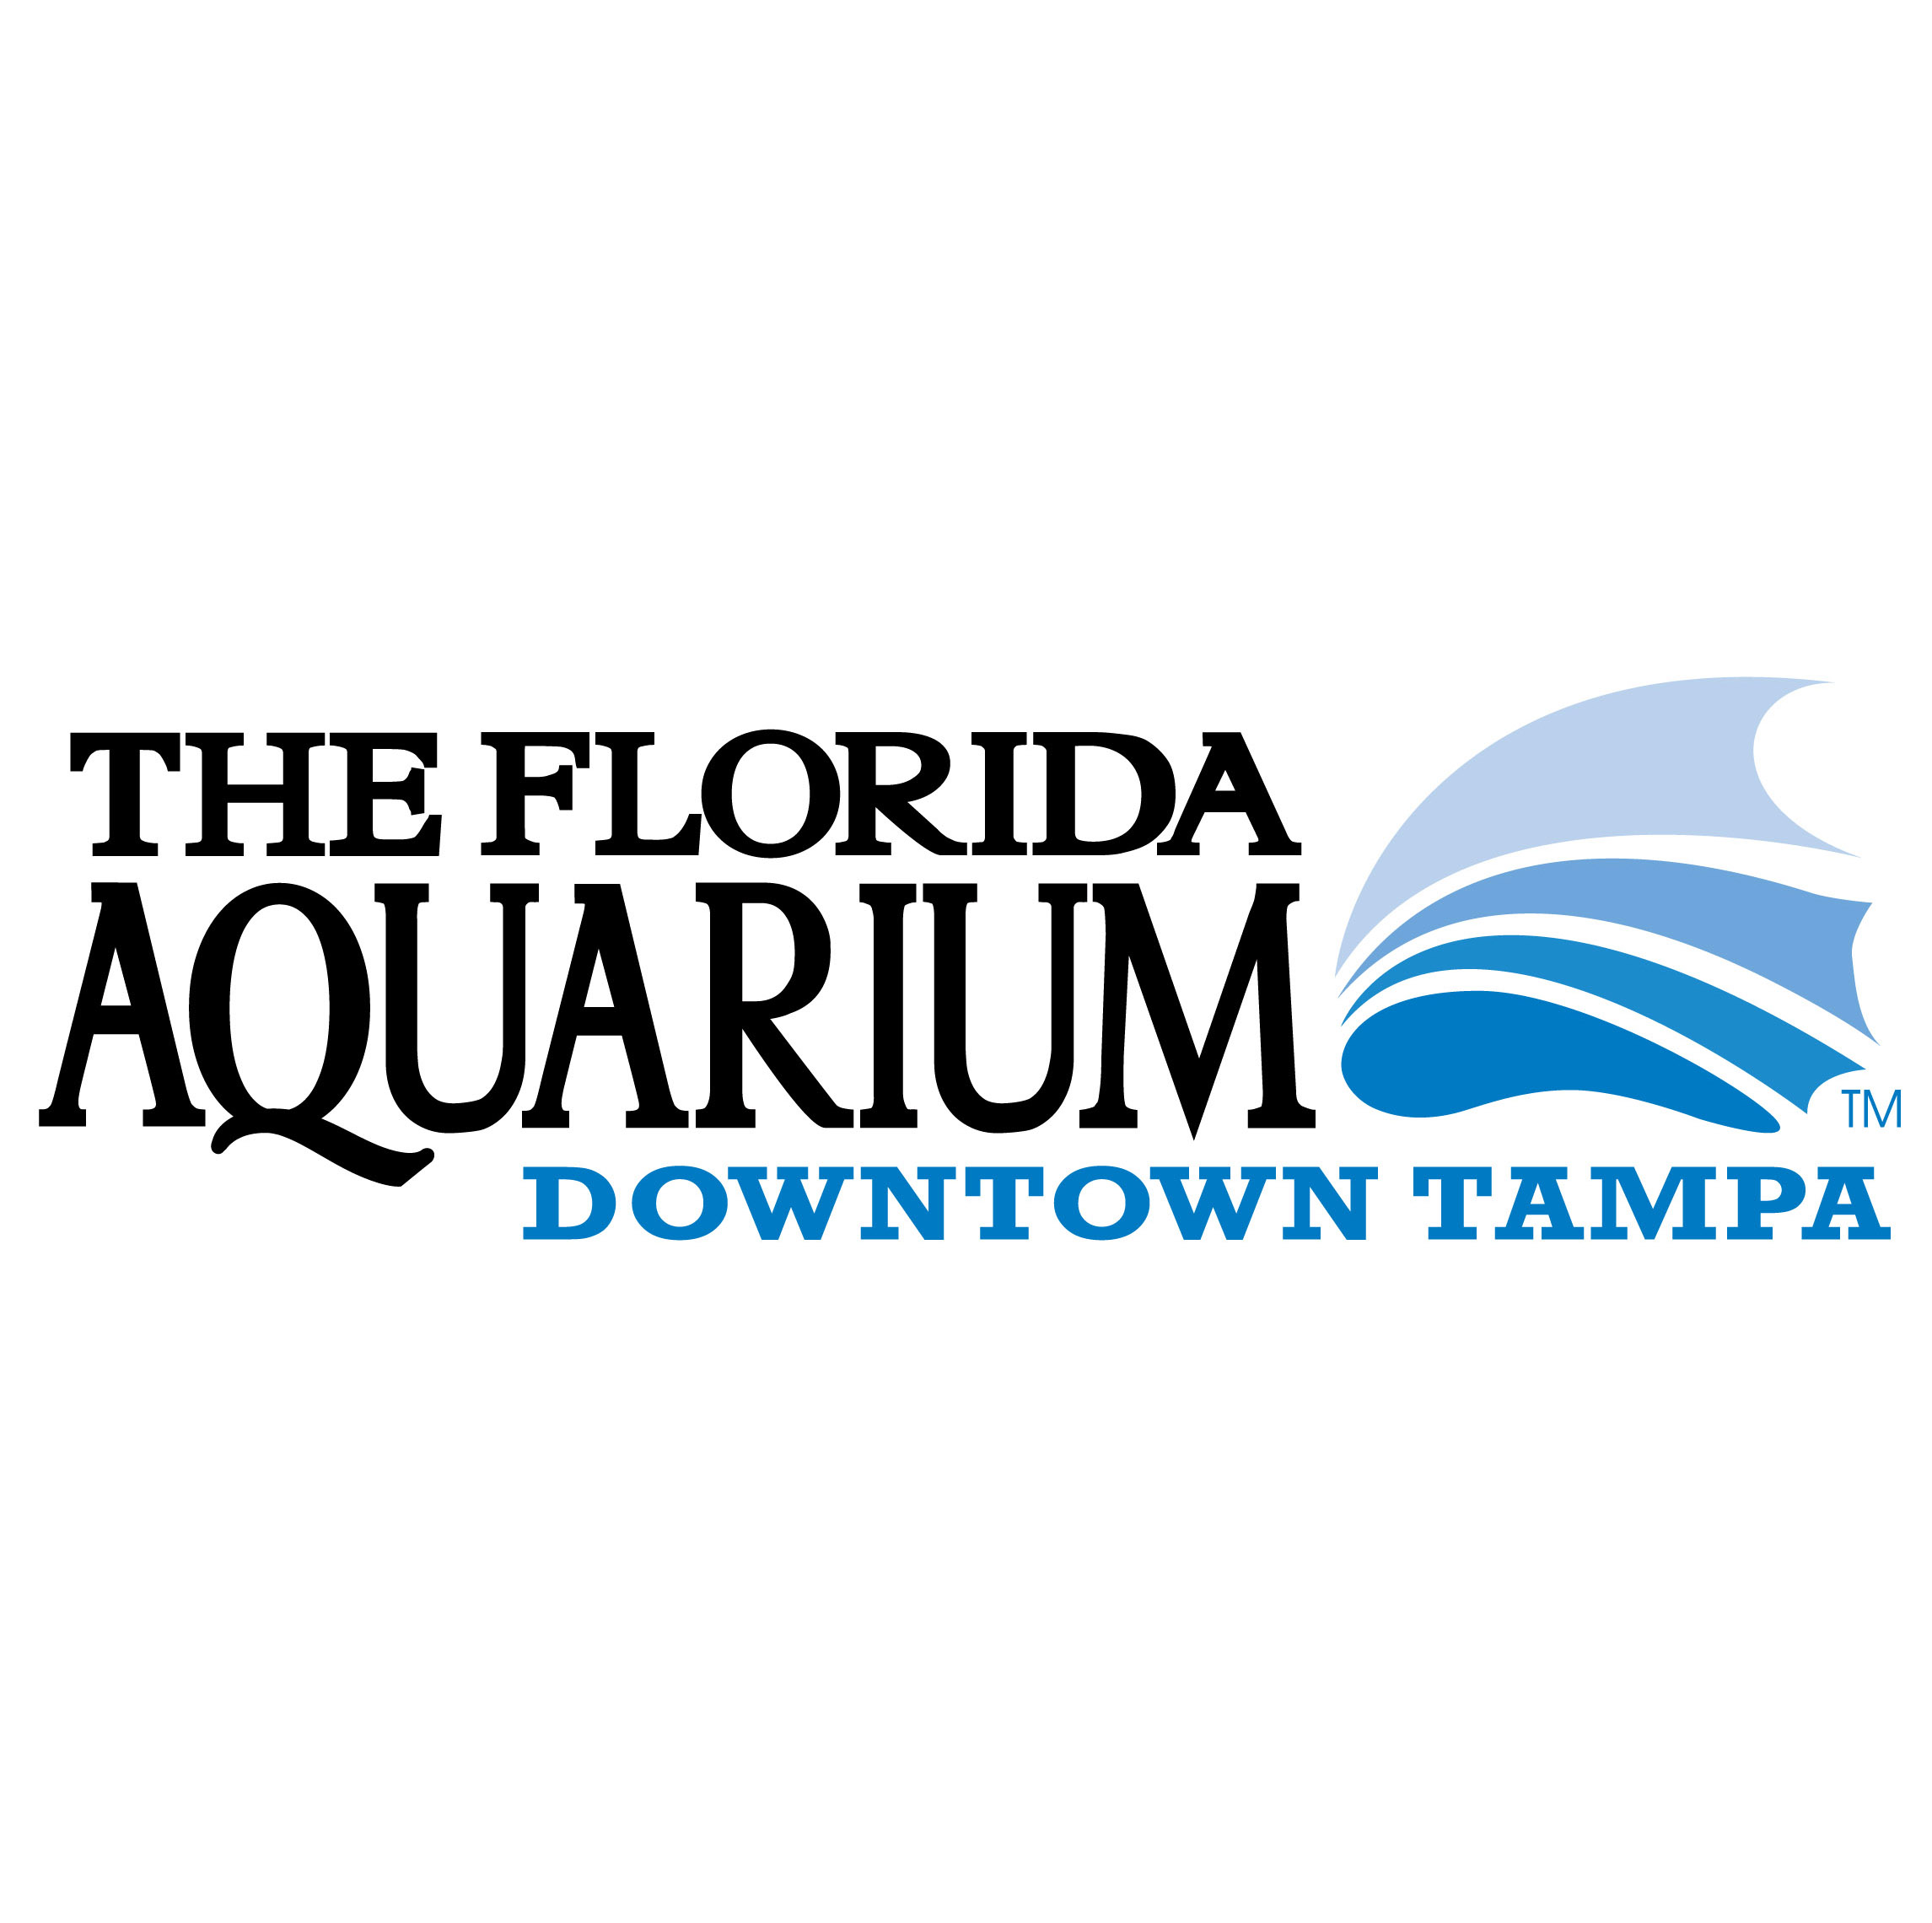 FLAQ_logo_Tampa_resize.jpg